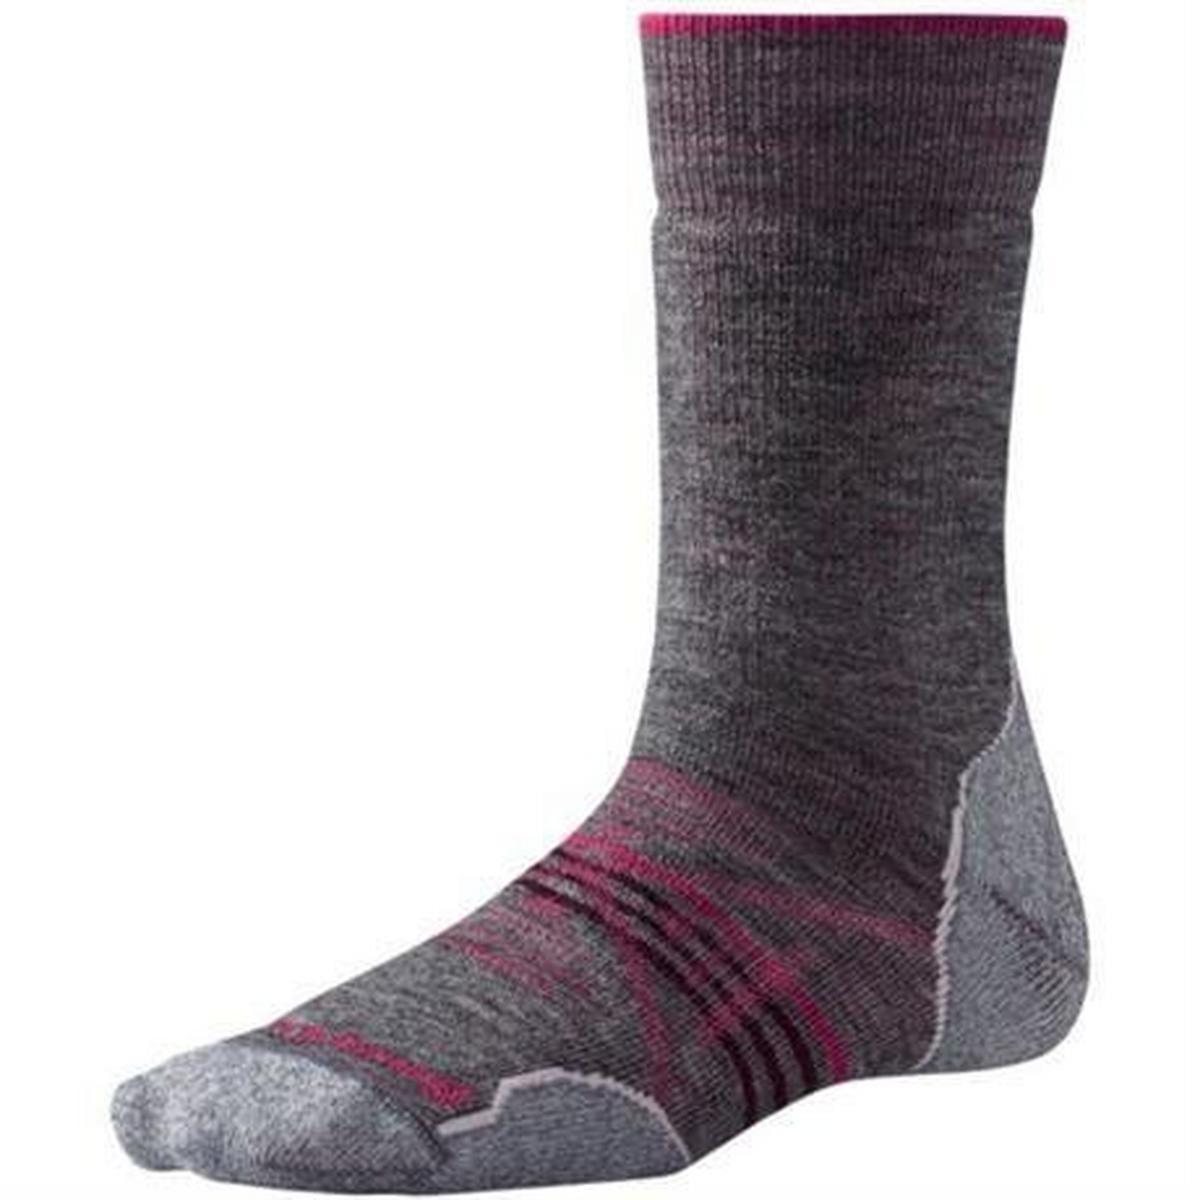 Smartwool HIKING Socks Women's PhD Outdoor Med Crew Medium Grey